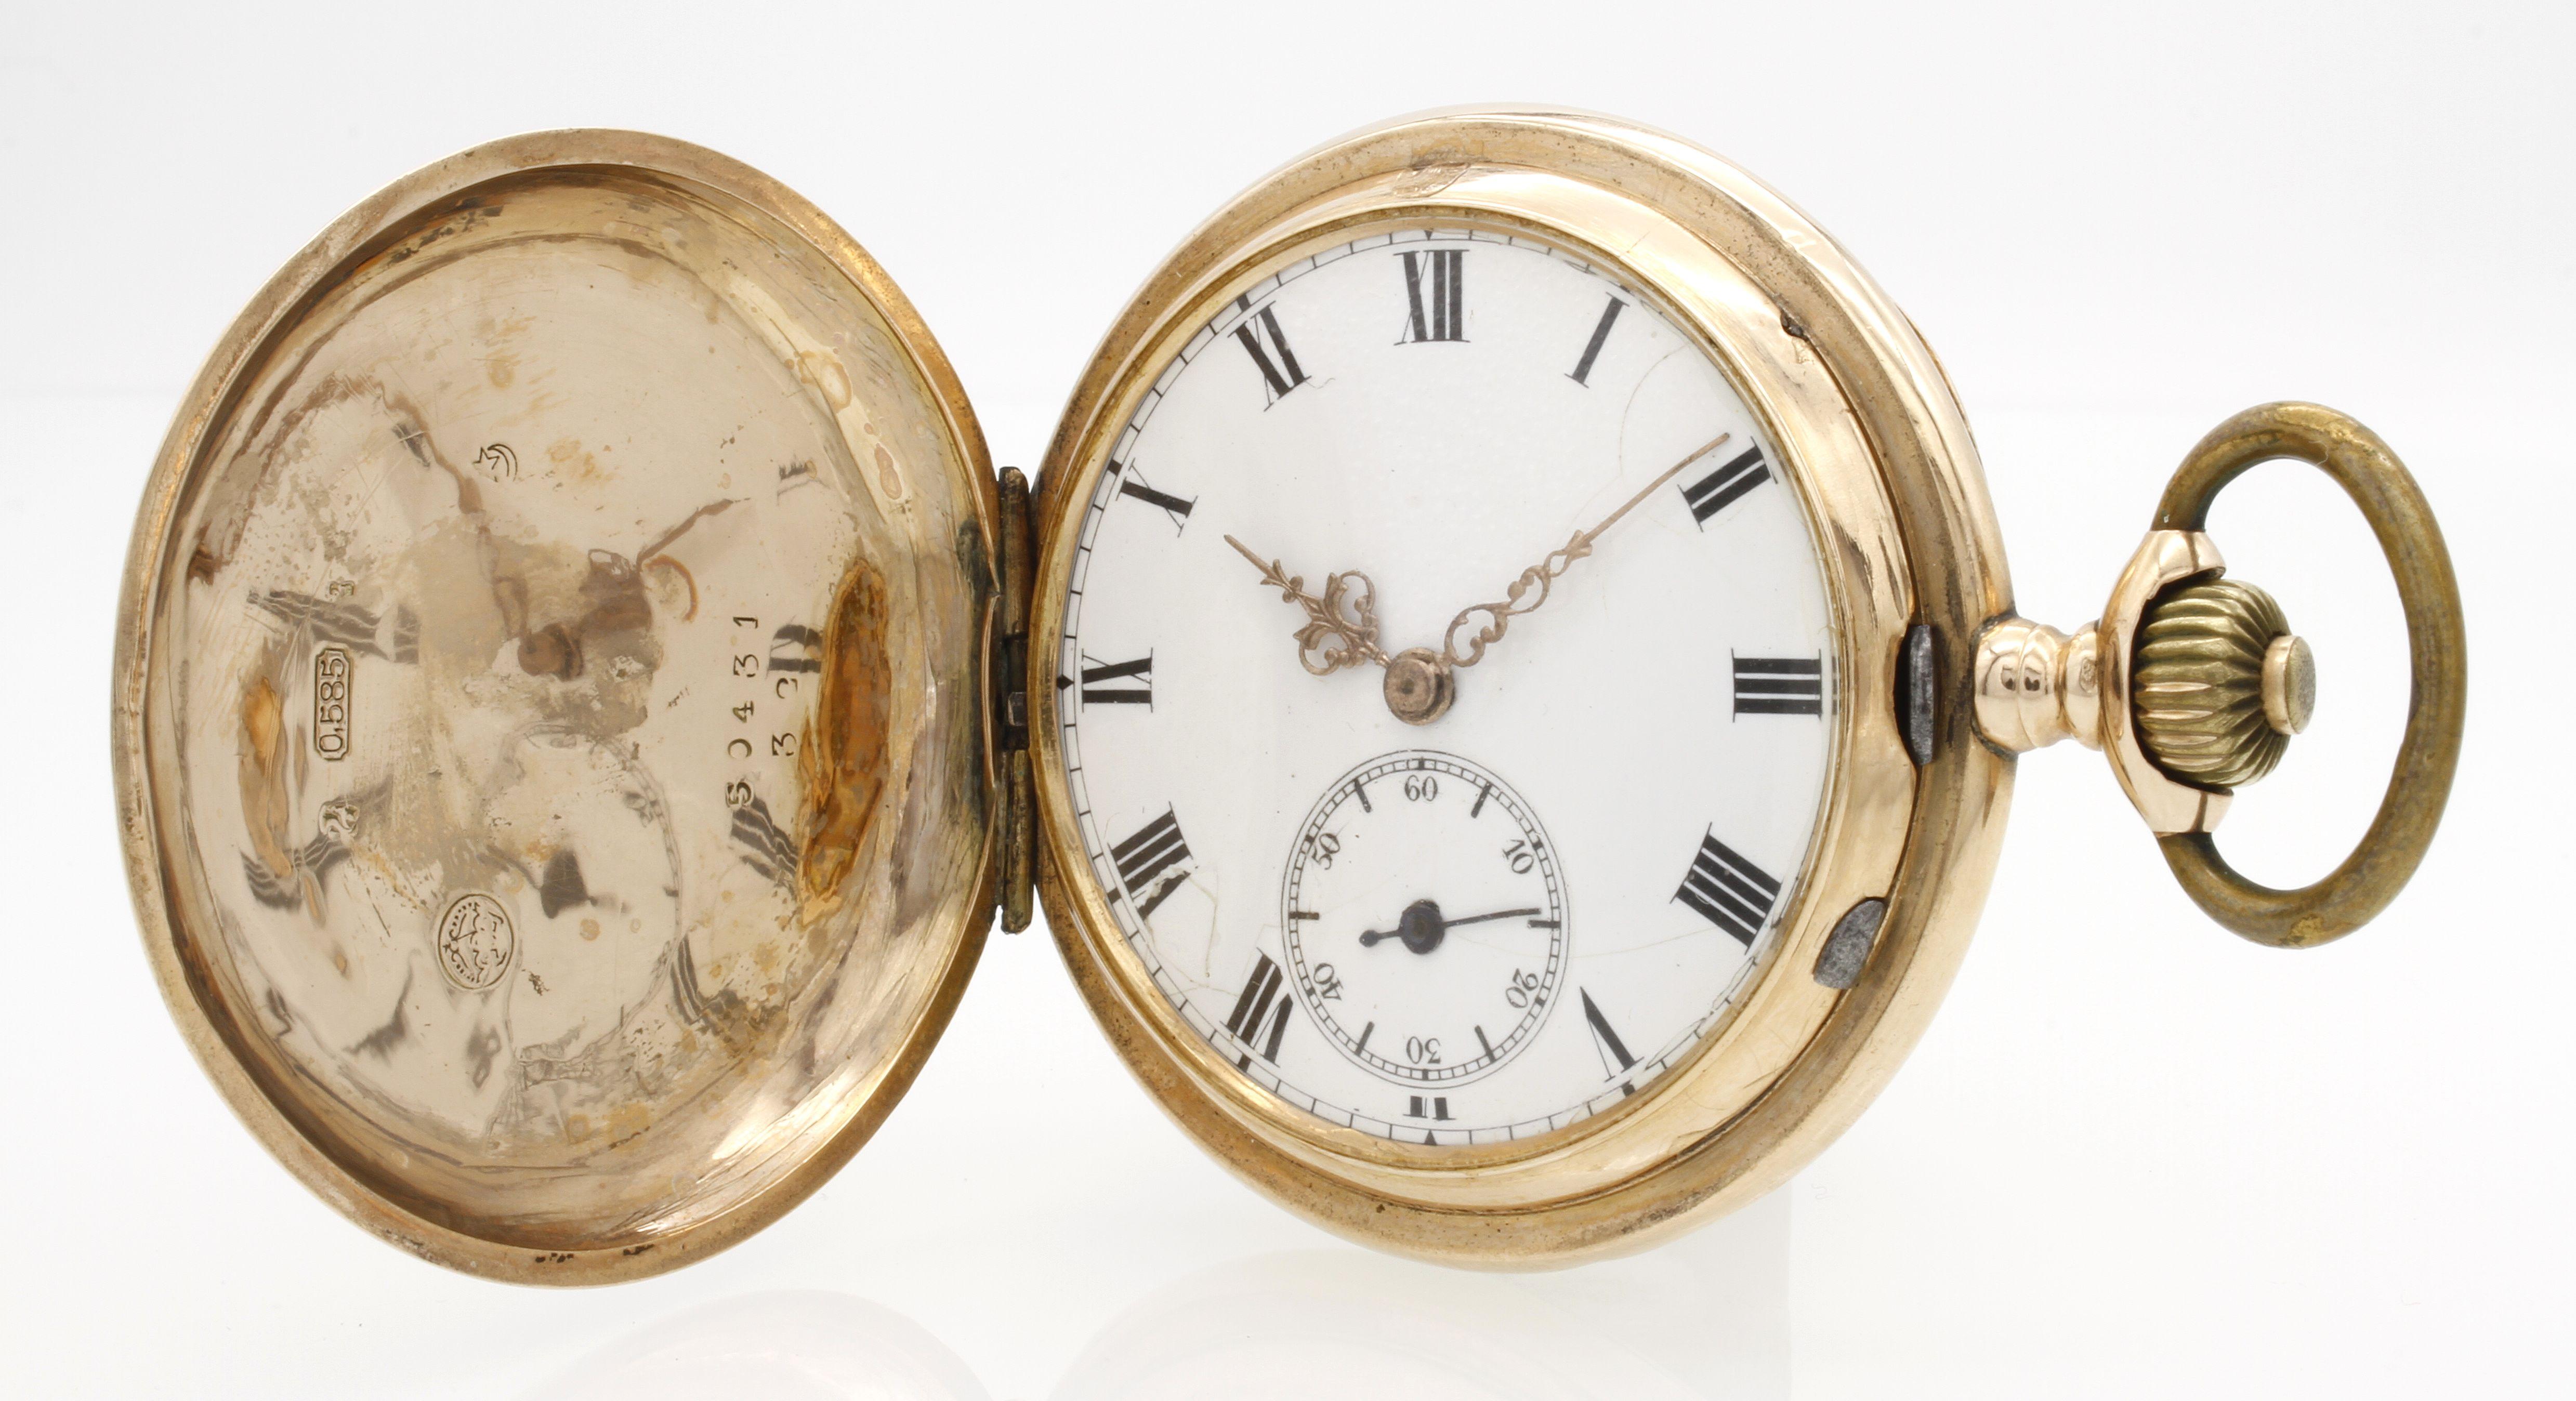 Goldene Phenix Watch Co. SA Savonnette / Taschenuhr, um 1910